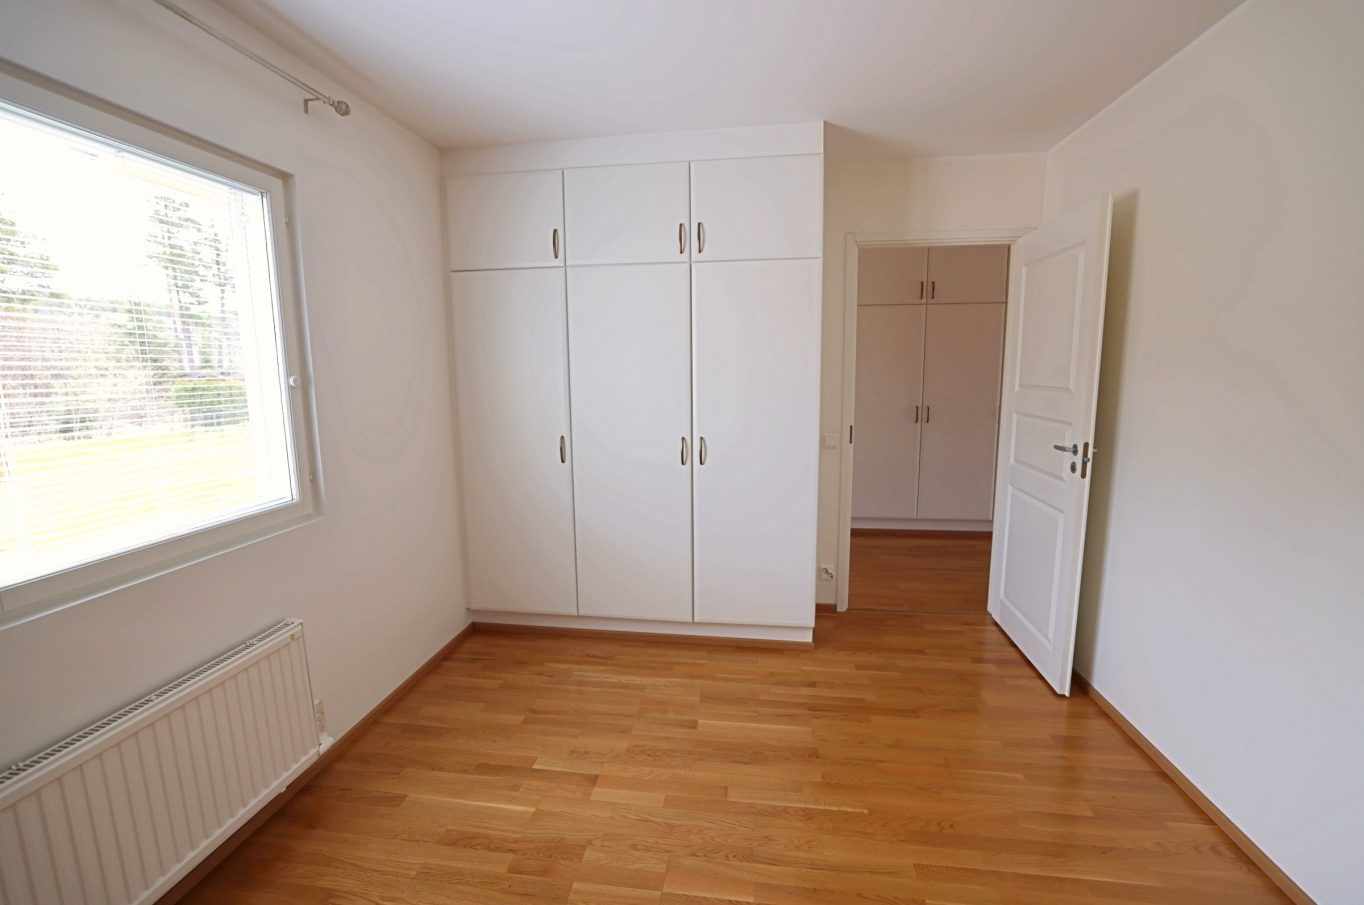 Lägenhet uthyres om 2 rum och kök i Jomala